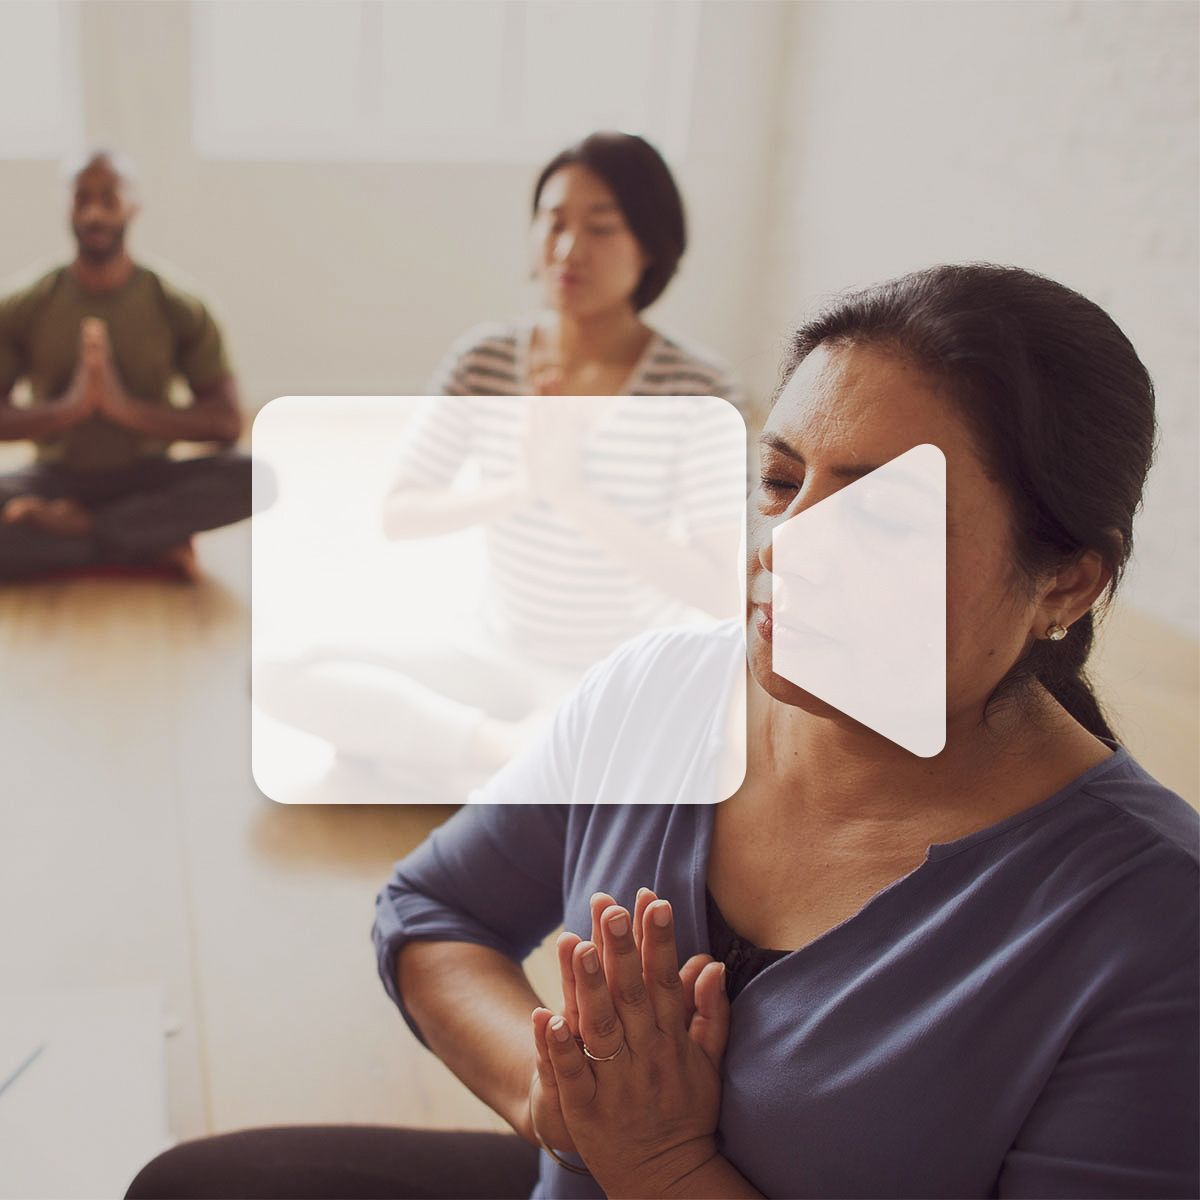 En ligne - Méditation de pleine conscience - Pratique